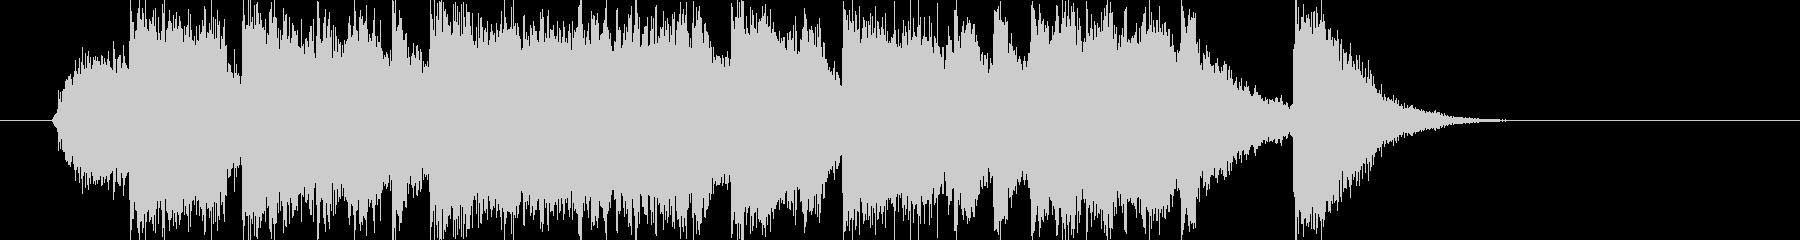 ミディアムテンポのイントロの未再生の波形